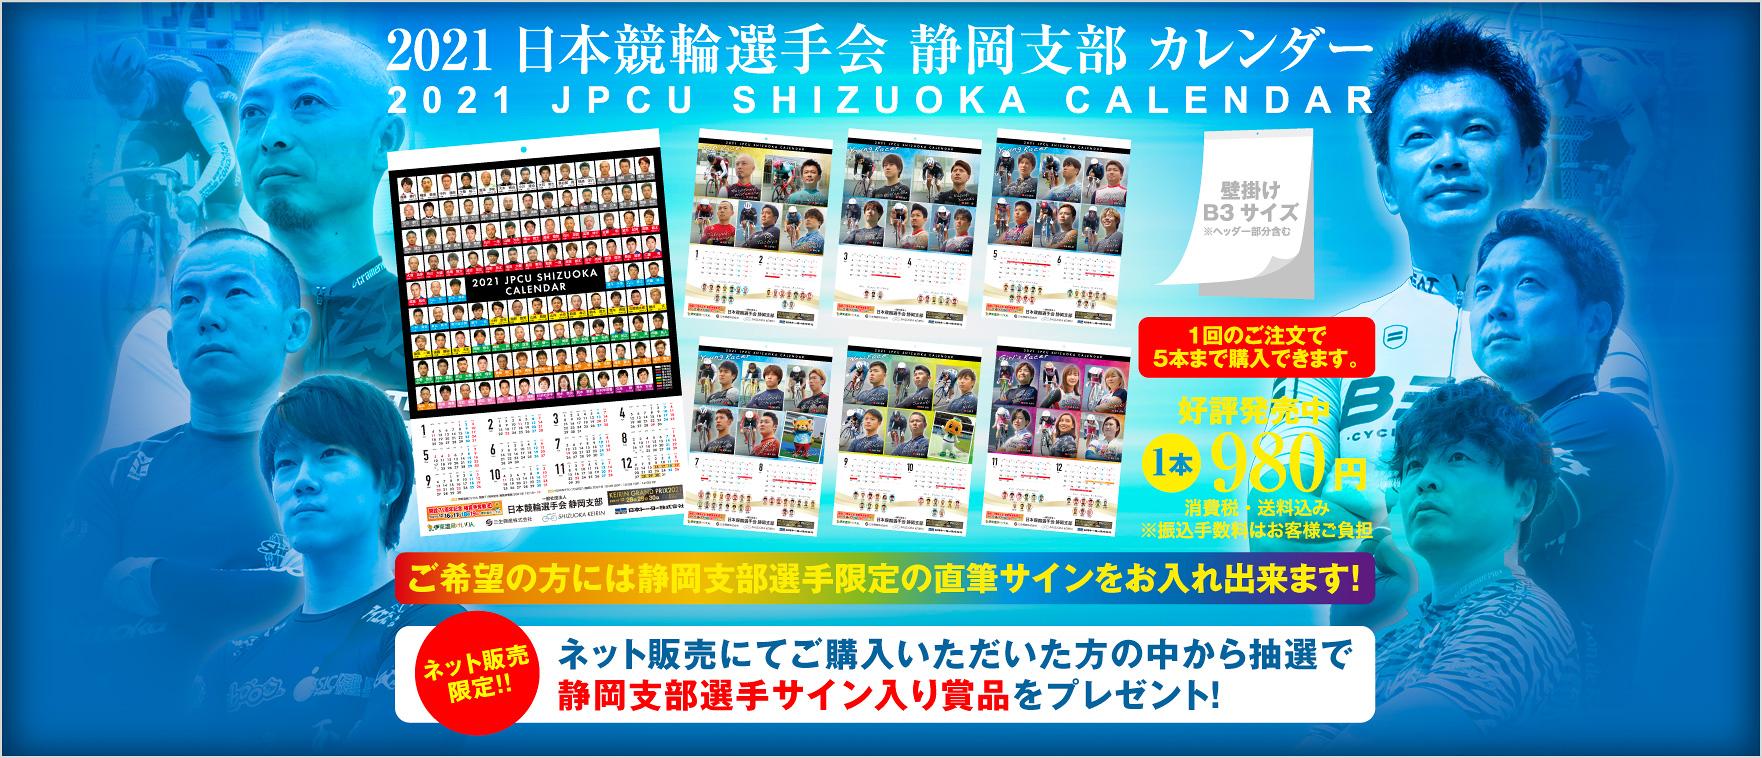 静岡支部カレンダー